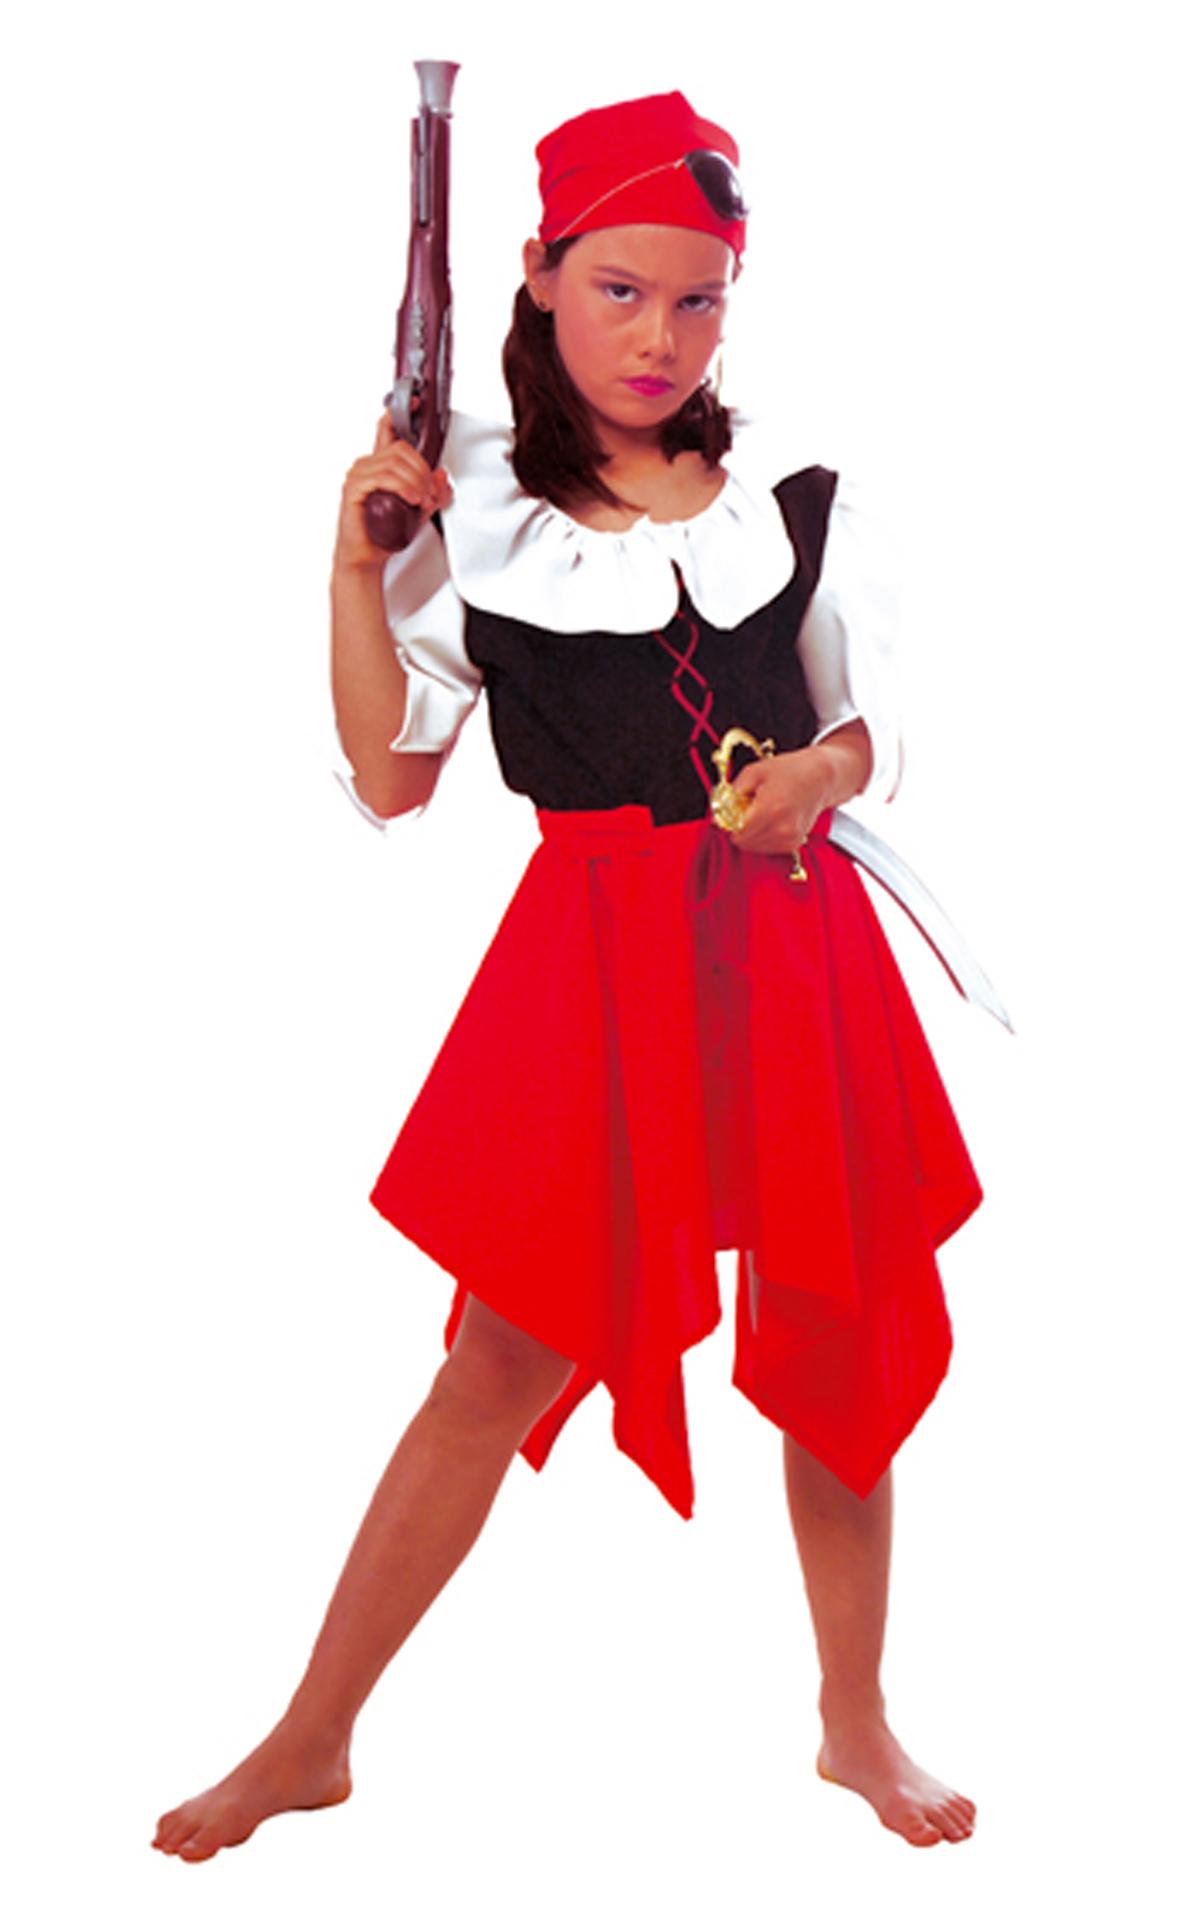 Wonderlijk Piraten Kostuum voor Meisjes bij karnevalswierts.com DA-48